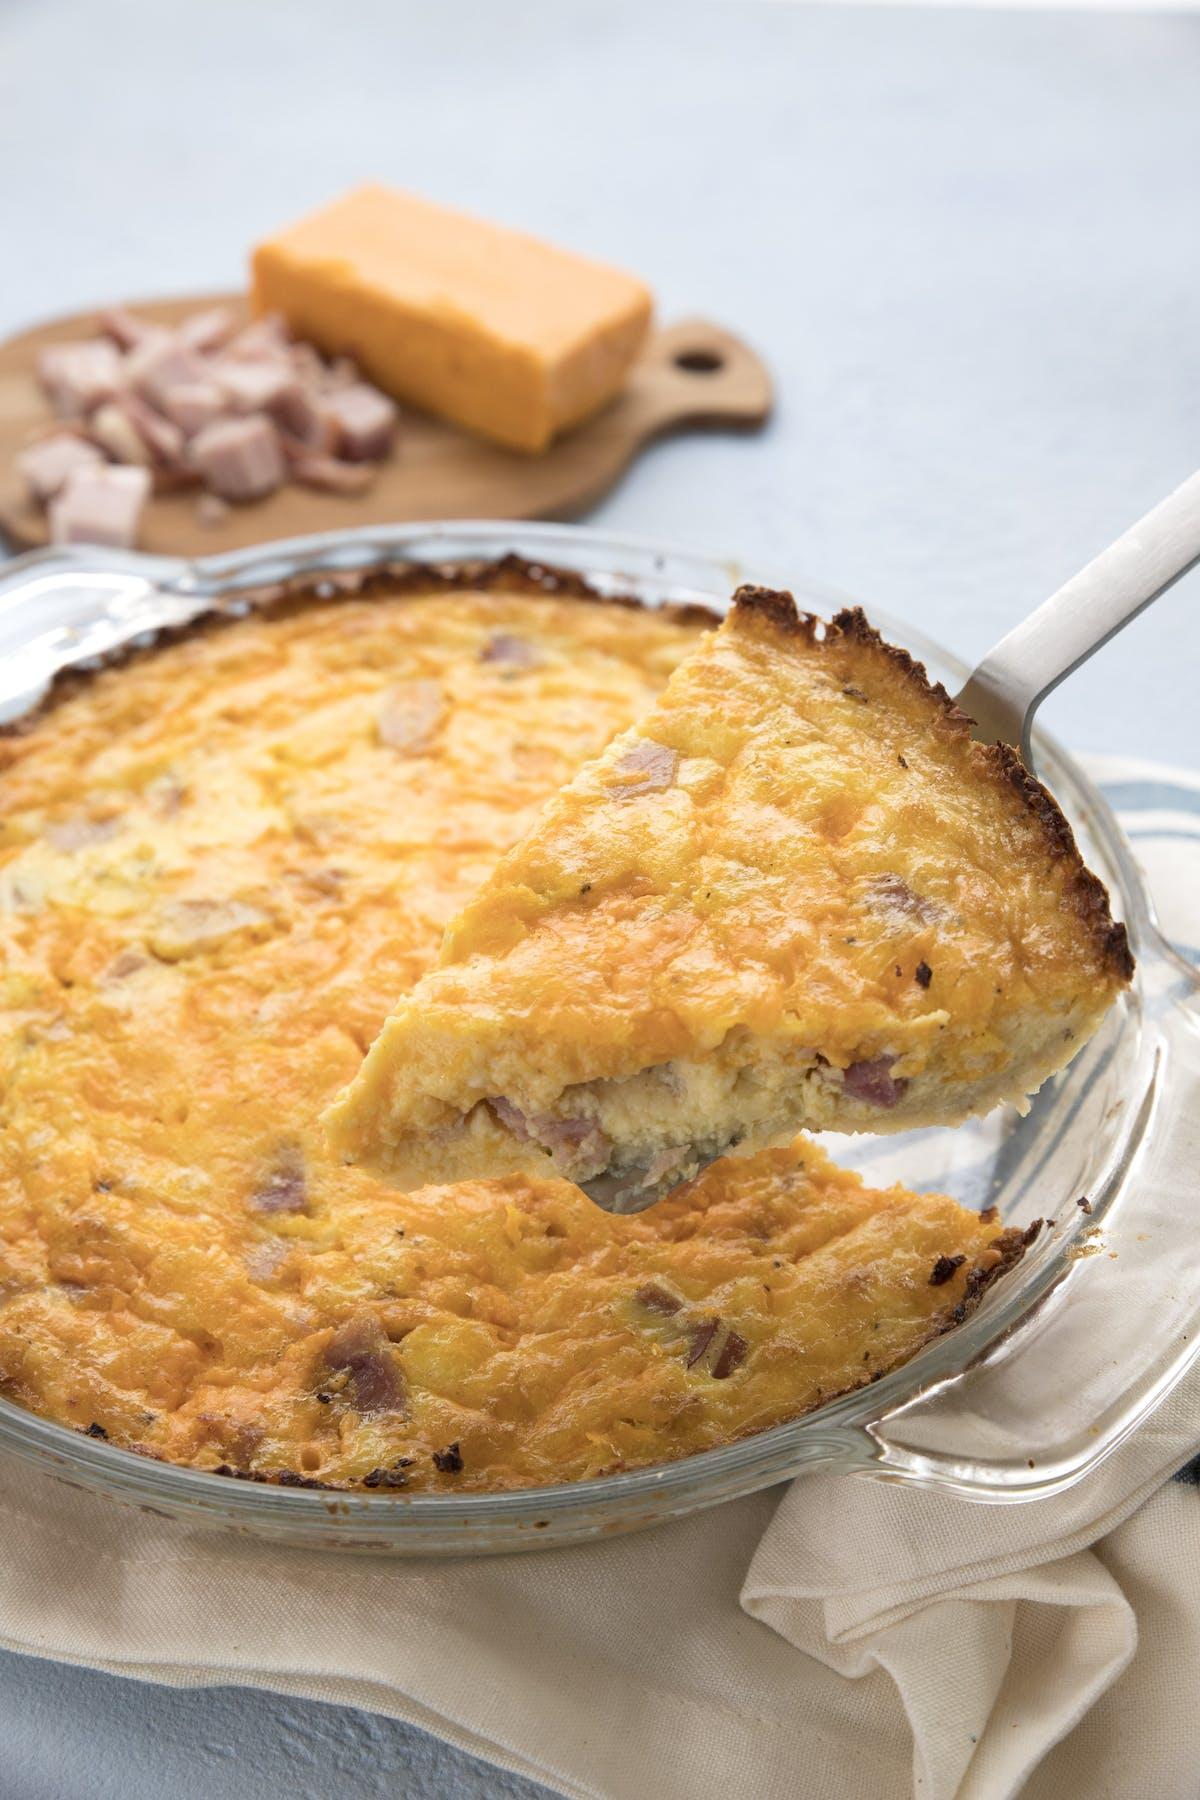 Ham & cheese quiche with cauliflower crust